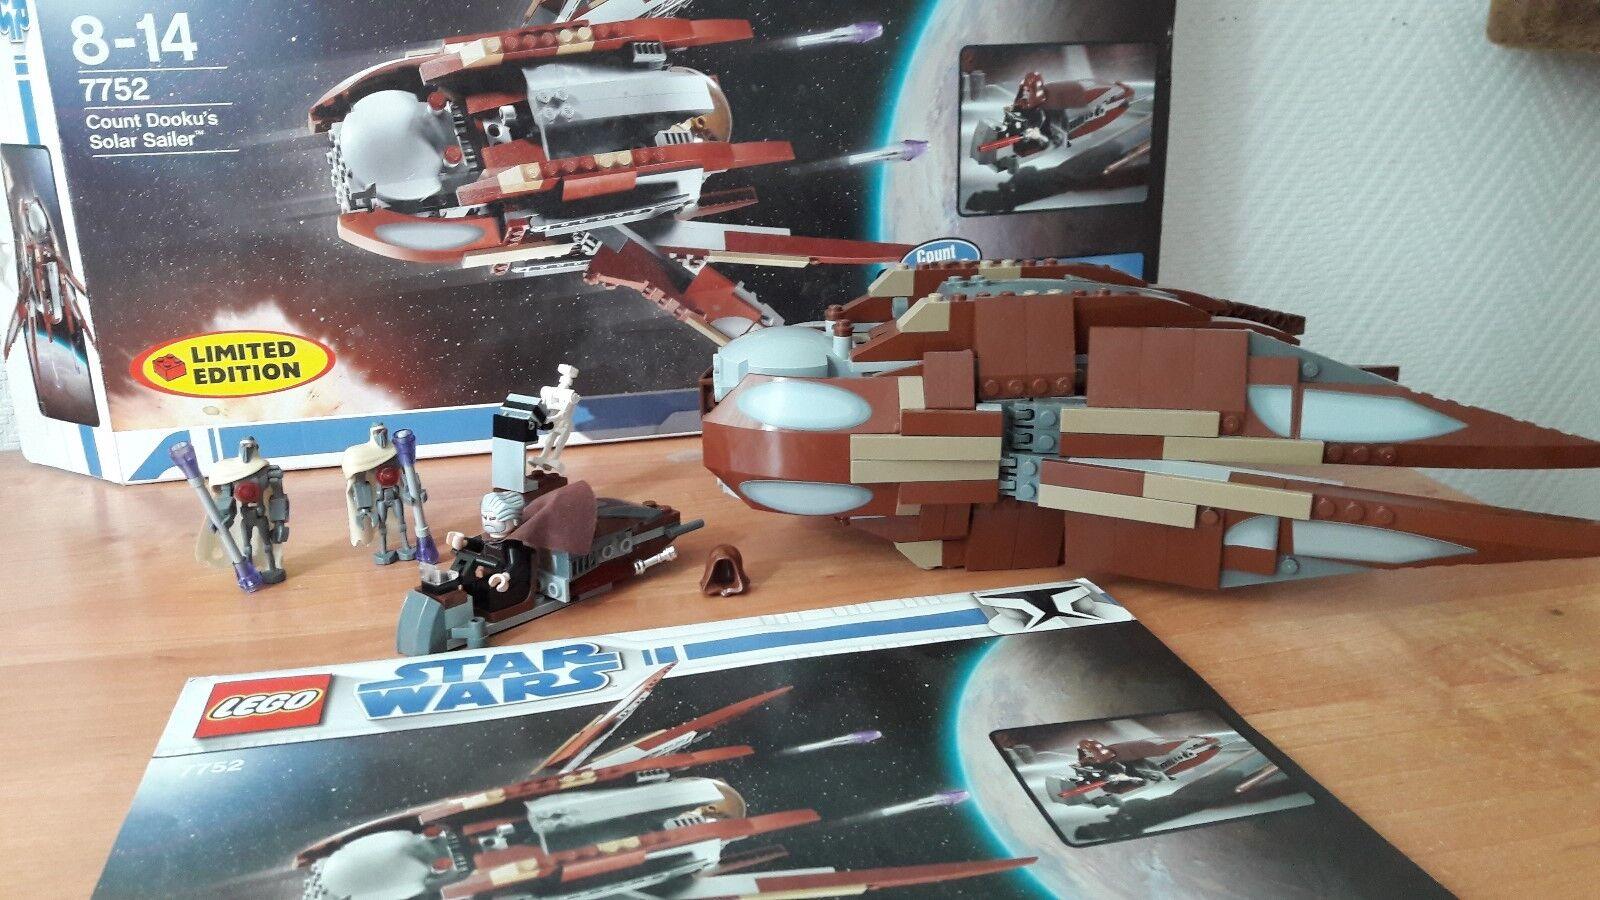 LEGO Star Wars 7752 Count Dooku's Solar Sailer mit BA und OVP